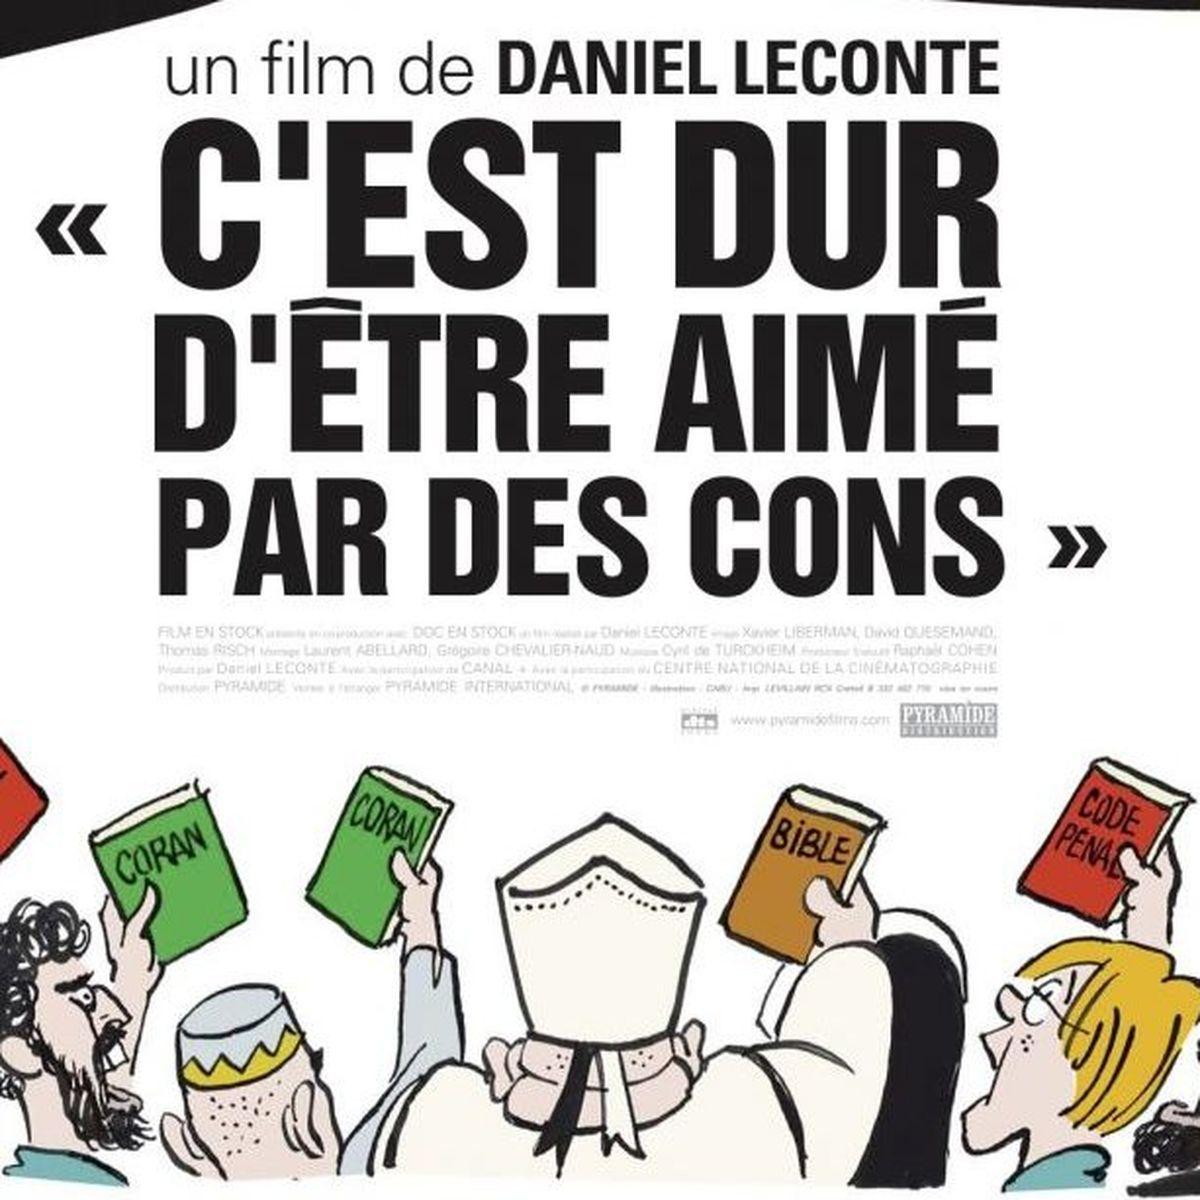 """Dur d'être aimé par des cons"""" remis à l'affiche à Lyon, Aubenas et  Fernay-Voltaire"""